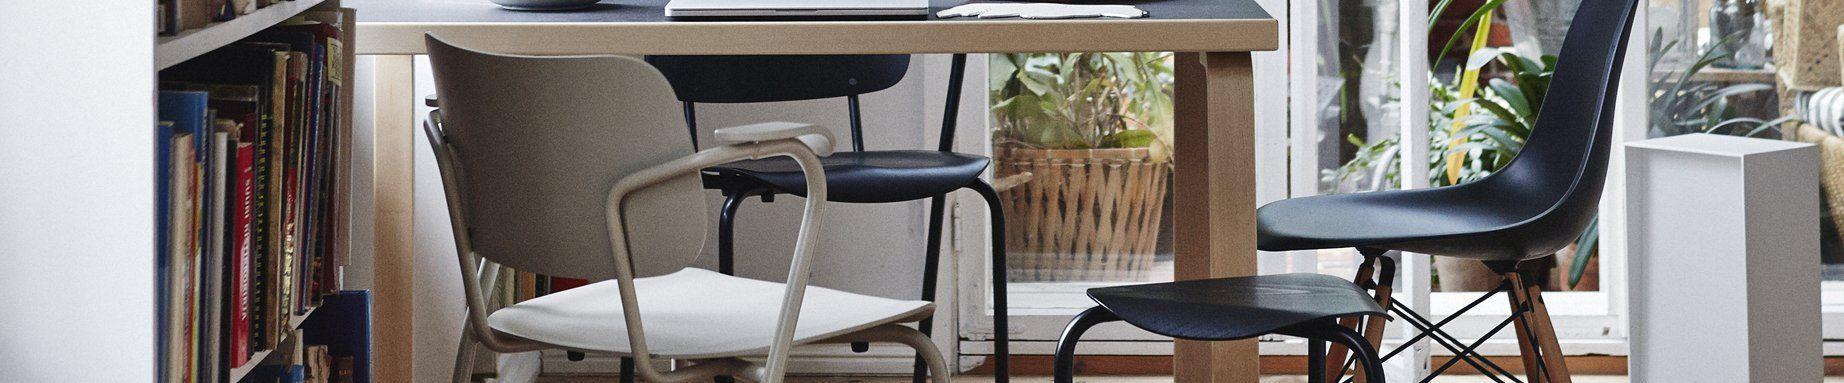 Artek stoelen